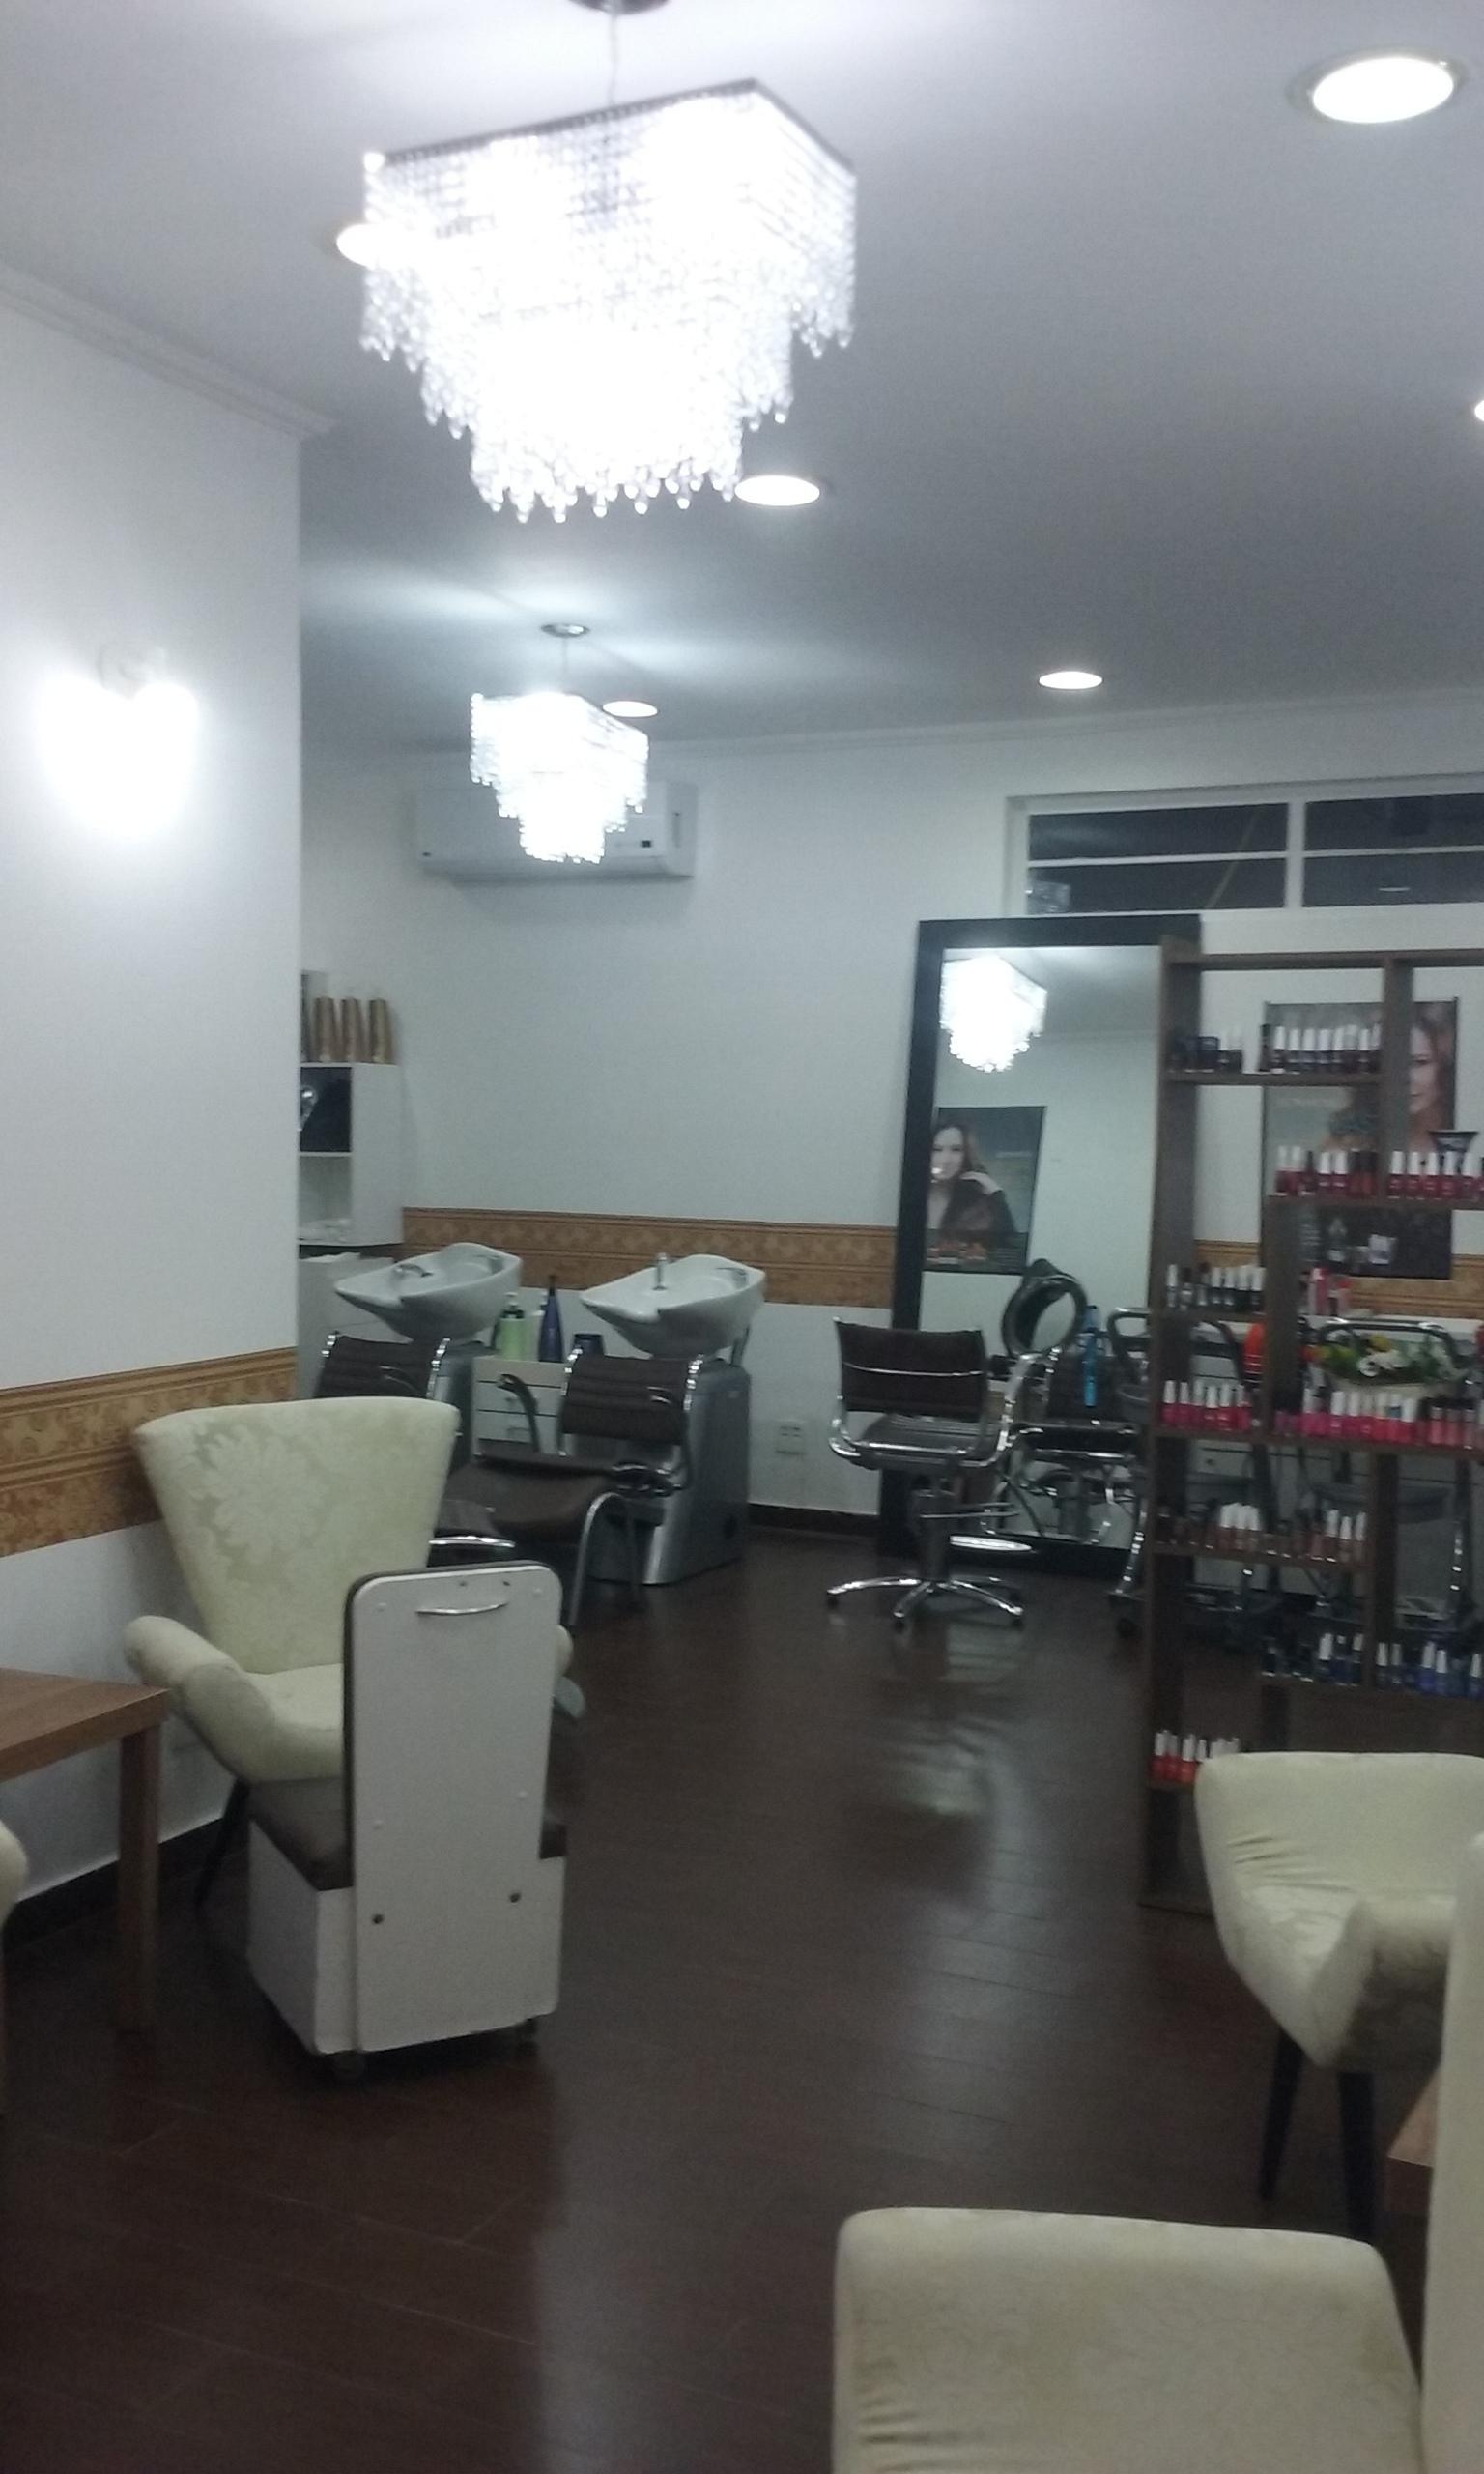 Esmaltaria Studio Beauty unha empresário(a) / dono de negócio